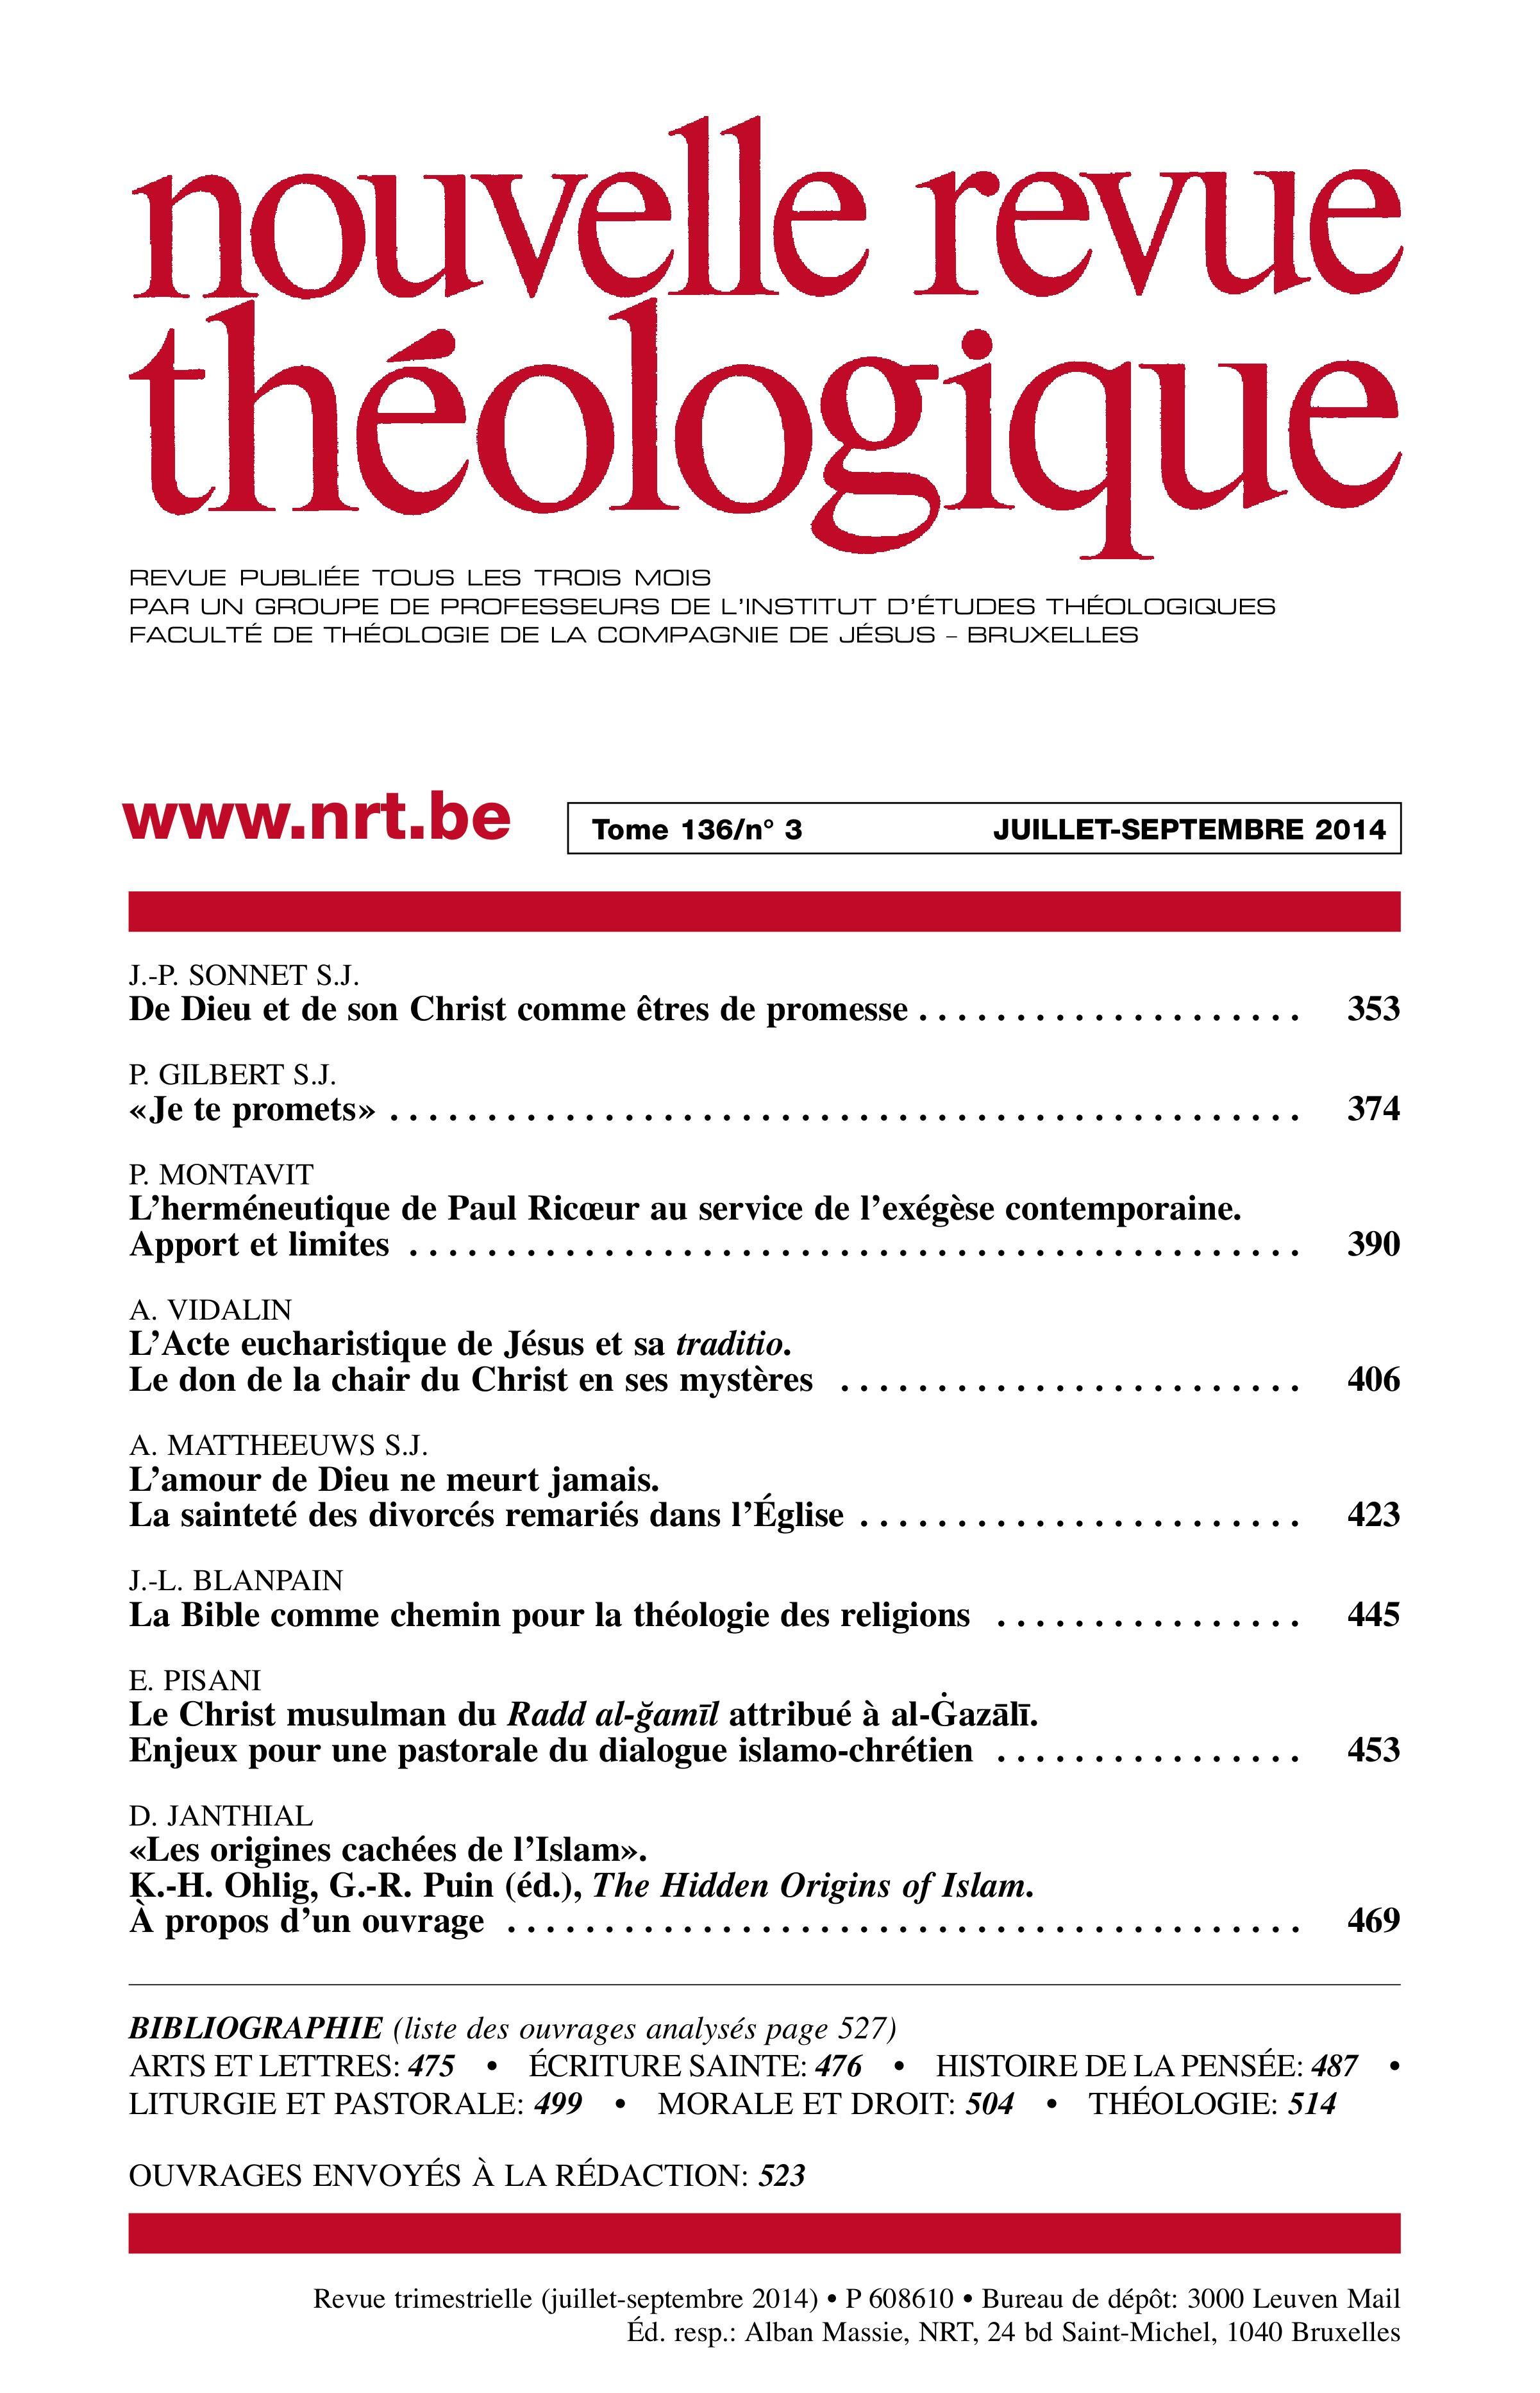 PDF TÉLÉCHARGER DIEU METHODISTE GLOIRE À